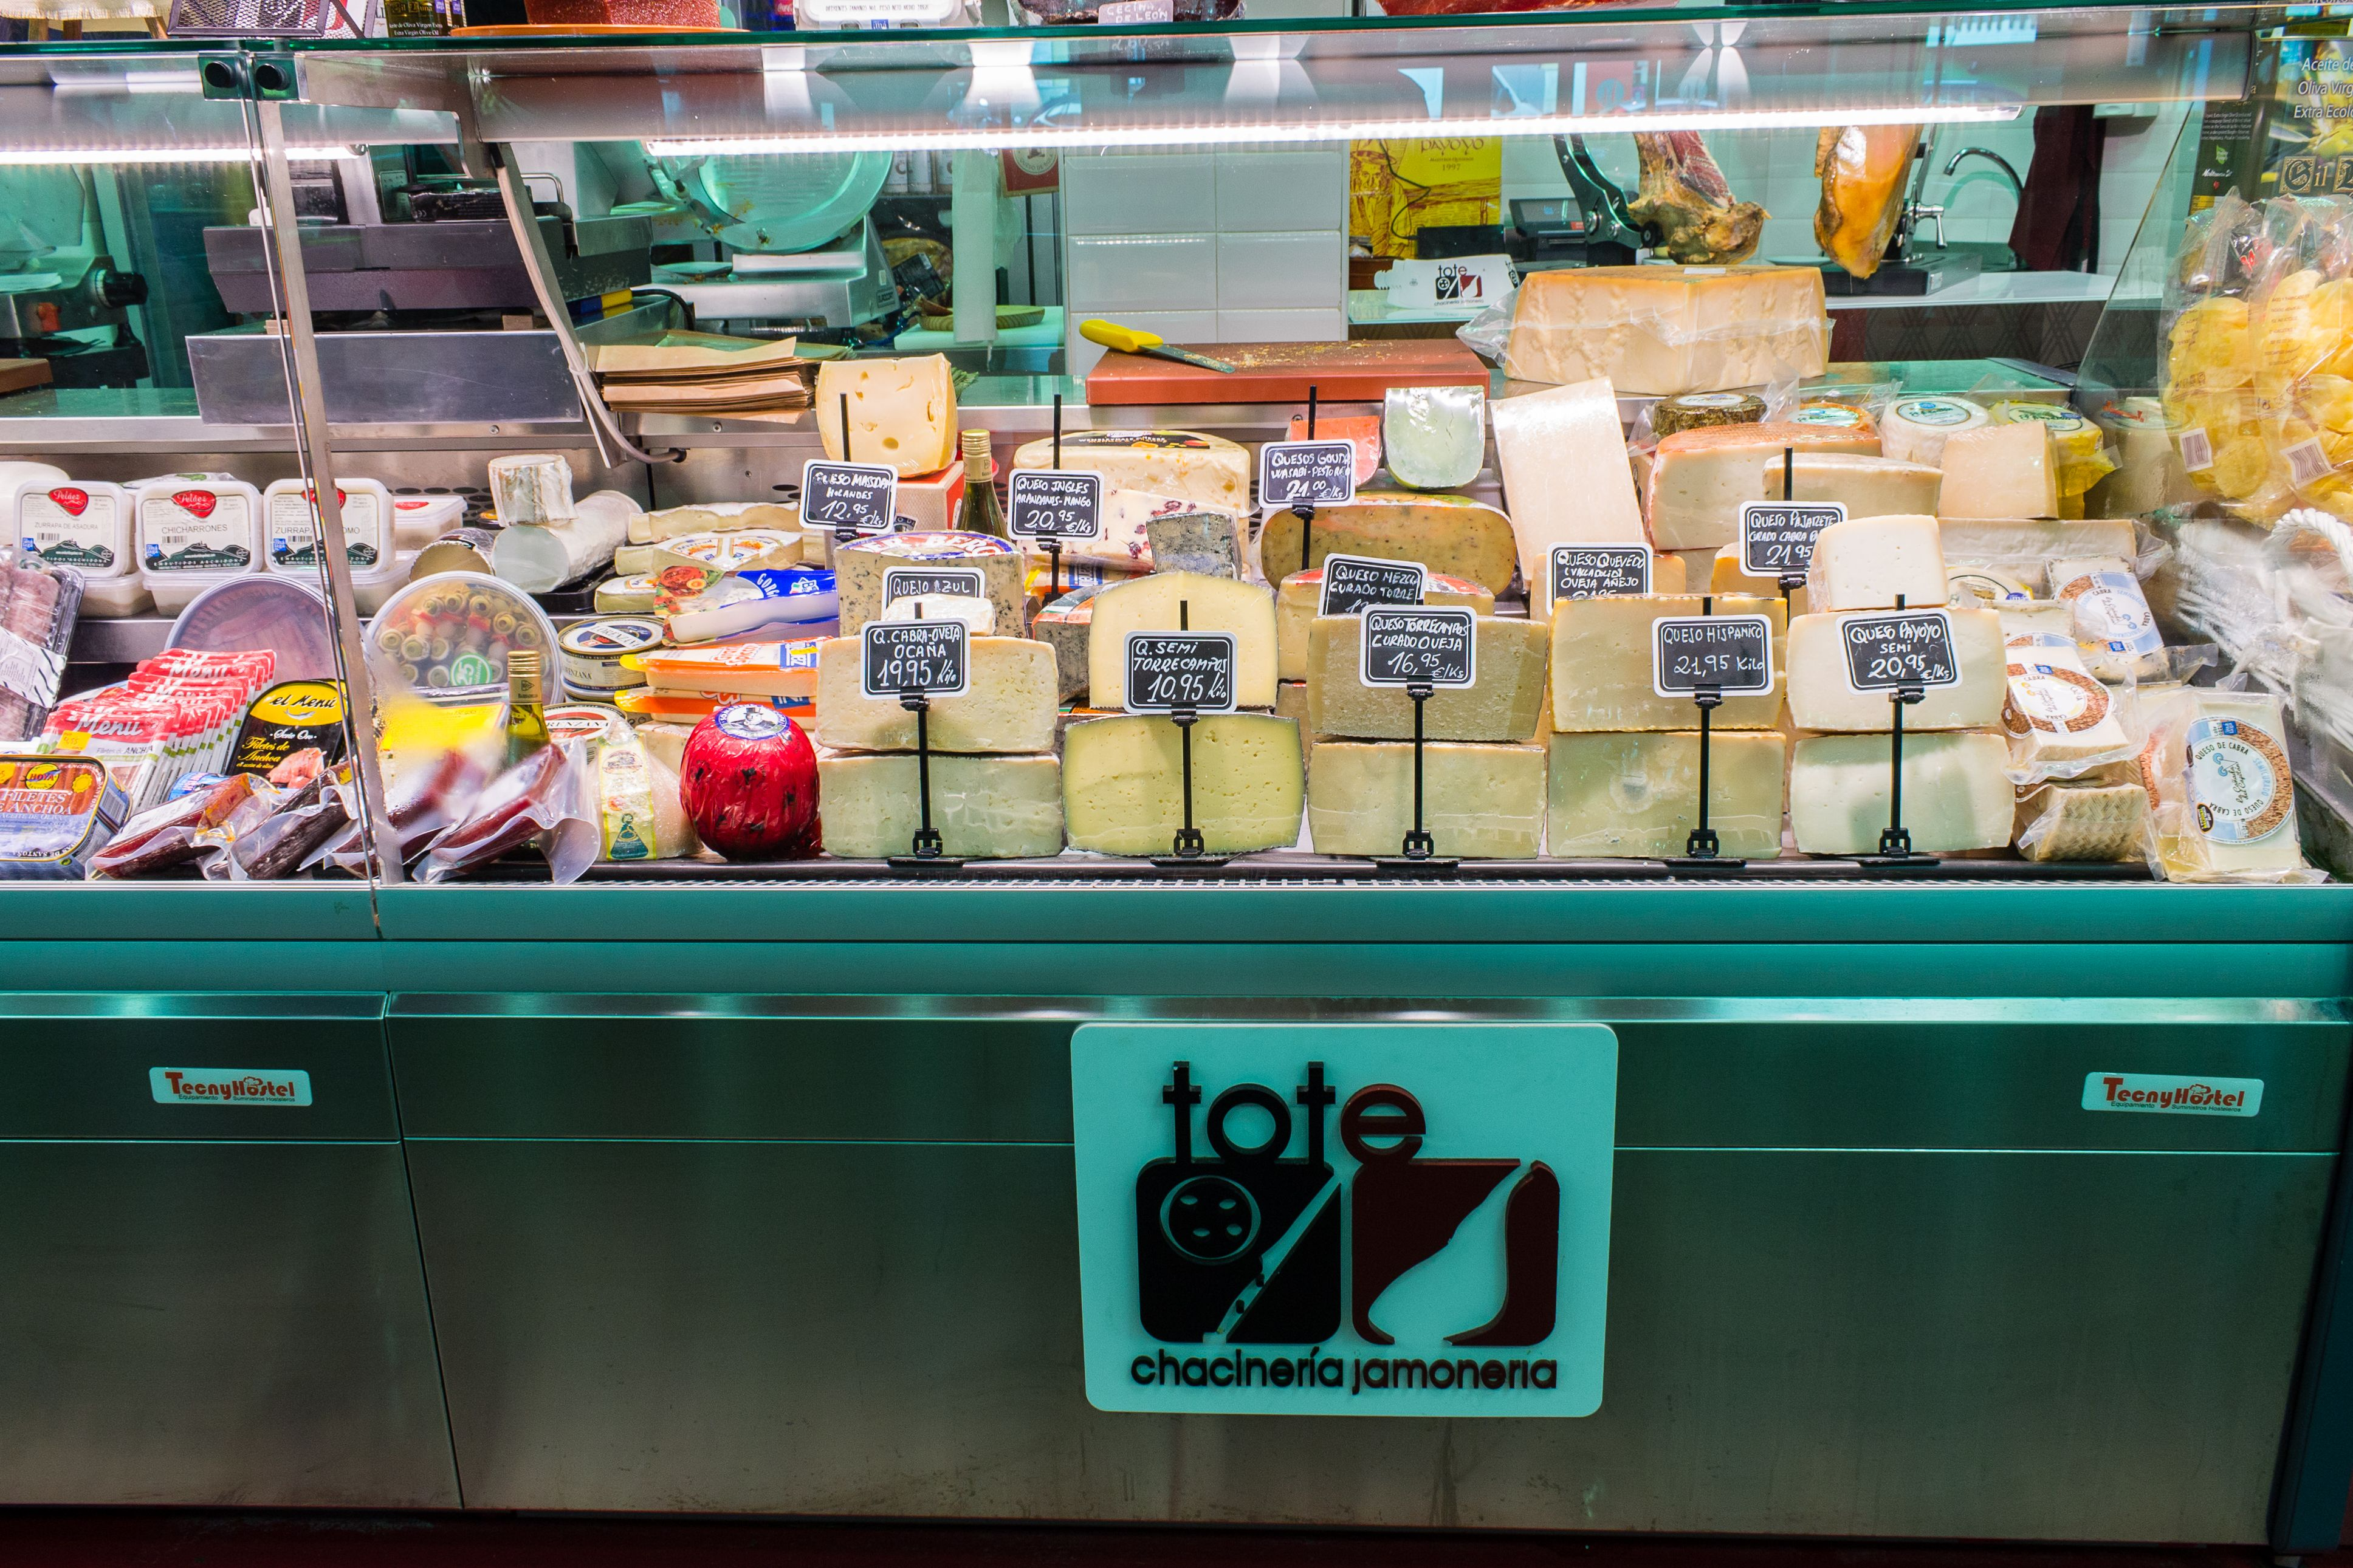 Exposición quesos TOTE CHACINERÍA JAMONERÍA